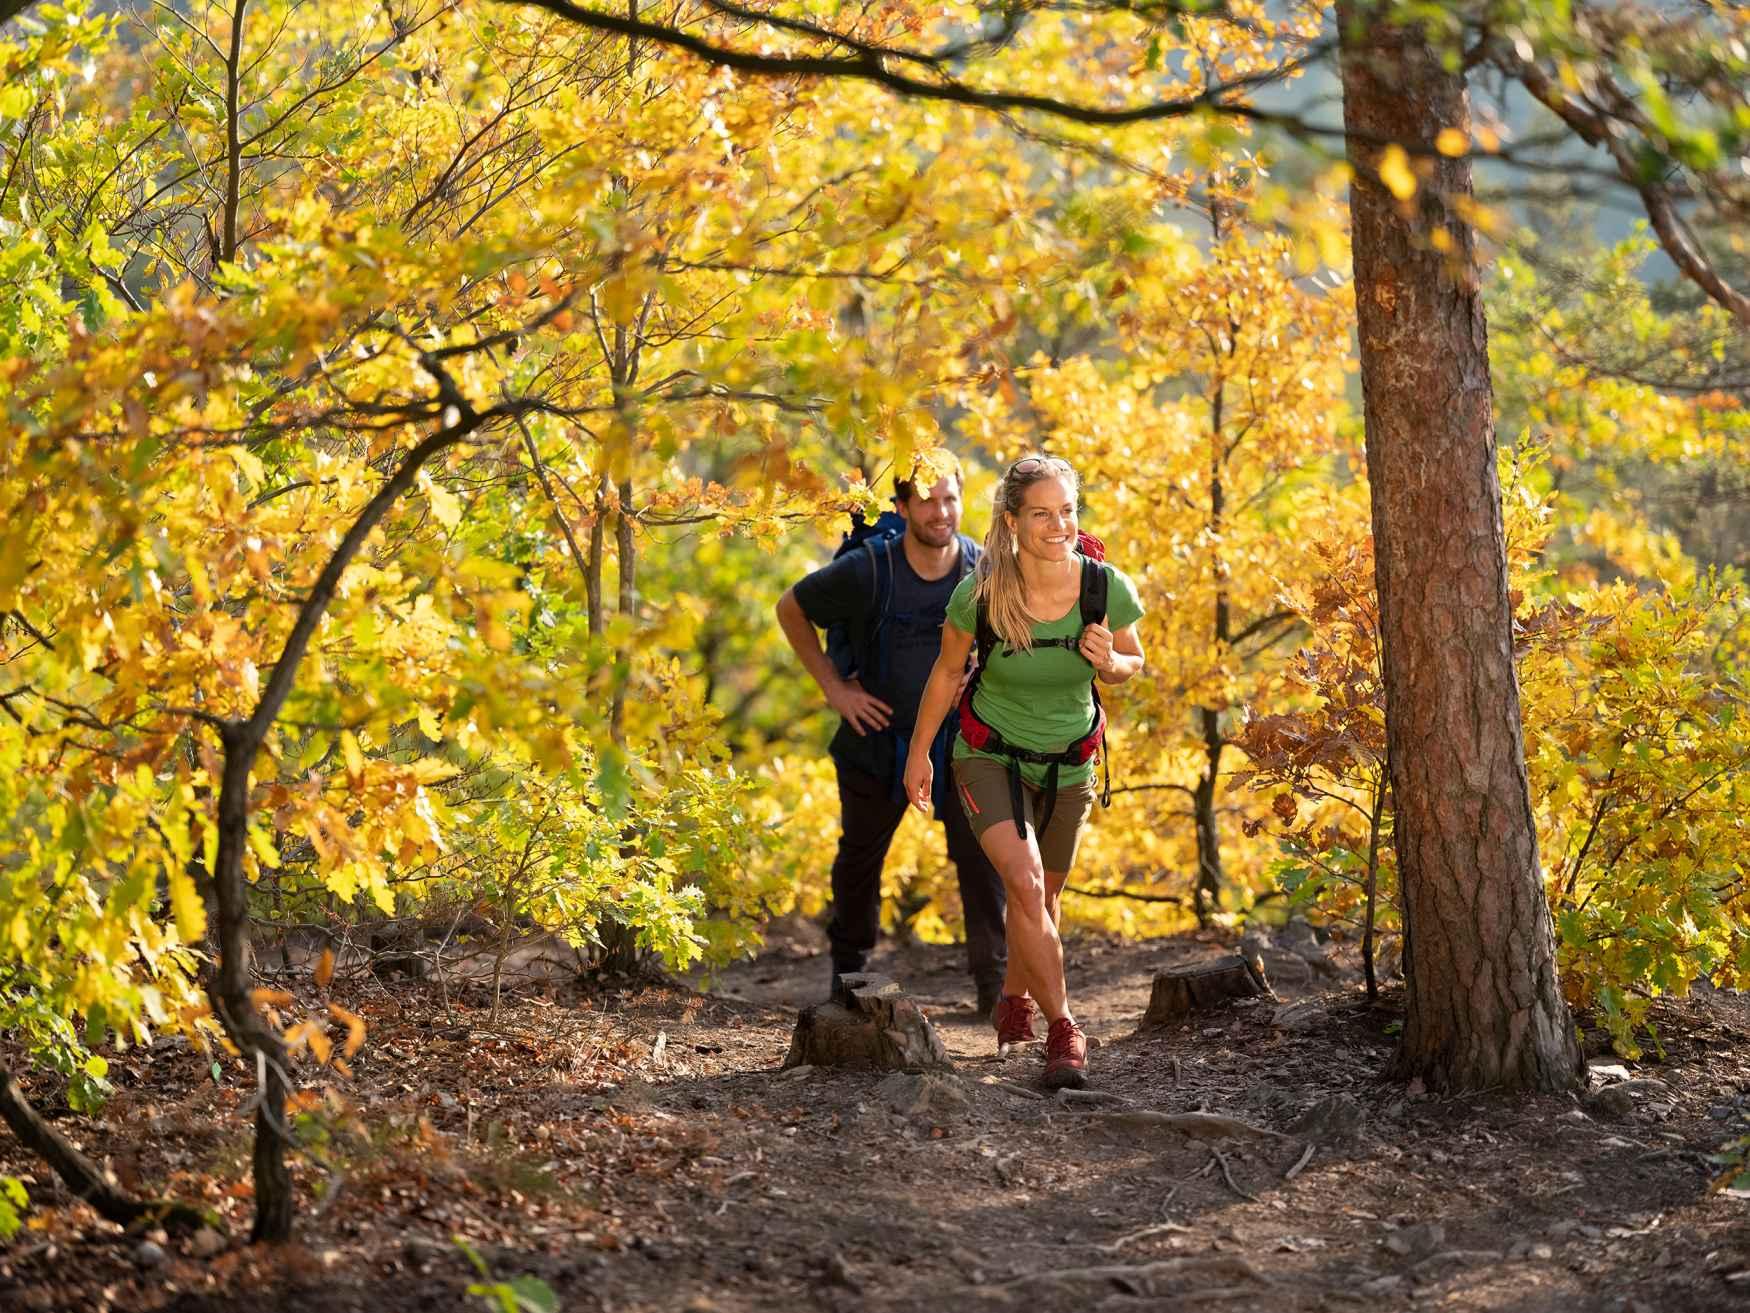 Een schoen voor een wandeling? Of toch liever een schoen voor een outdoorervaring? Soms wil je helemaal niet kiezen. Het is dus maar goed dat de op retro geïnspireerde gladleren PINTO GTX LO gewoon altijd kan worden gedragen. Het maakt niet uit op wat voor oppervlak, het maakt niet uit wat voor weer het is: De veelzijdige VIBRAM® TREK-zool en het geïntegreerde GORE-TEX-membraan zijn altijd klaar voor actie – of het nu in het bos is, in de uitlopers van de Alpen of zelfs op middelzware tochten.